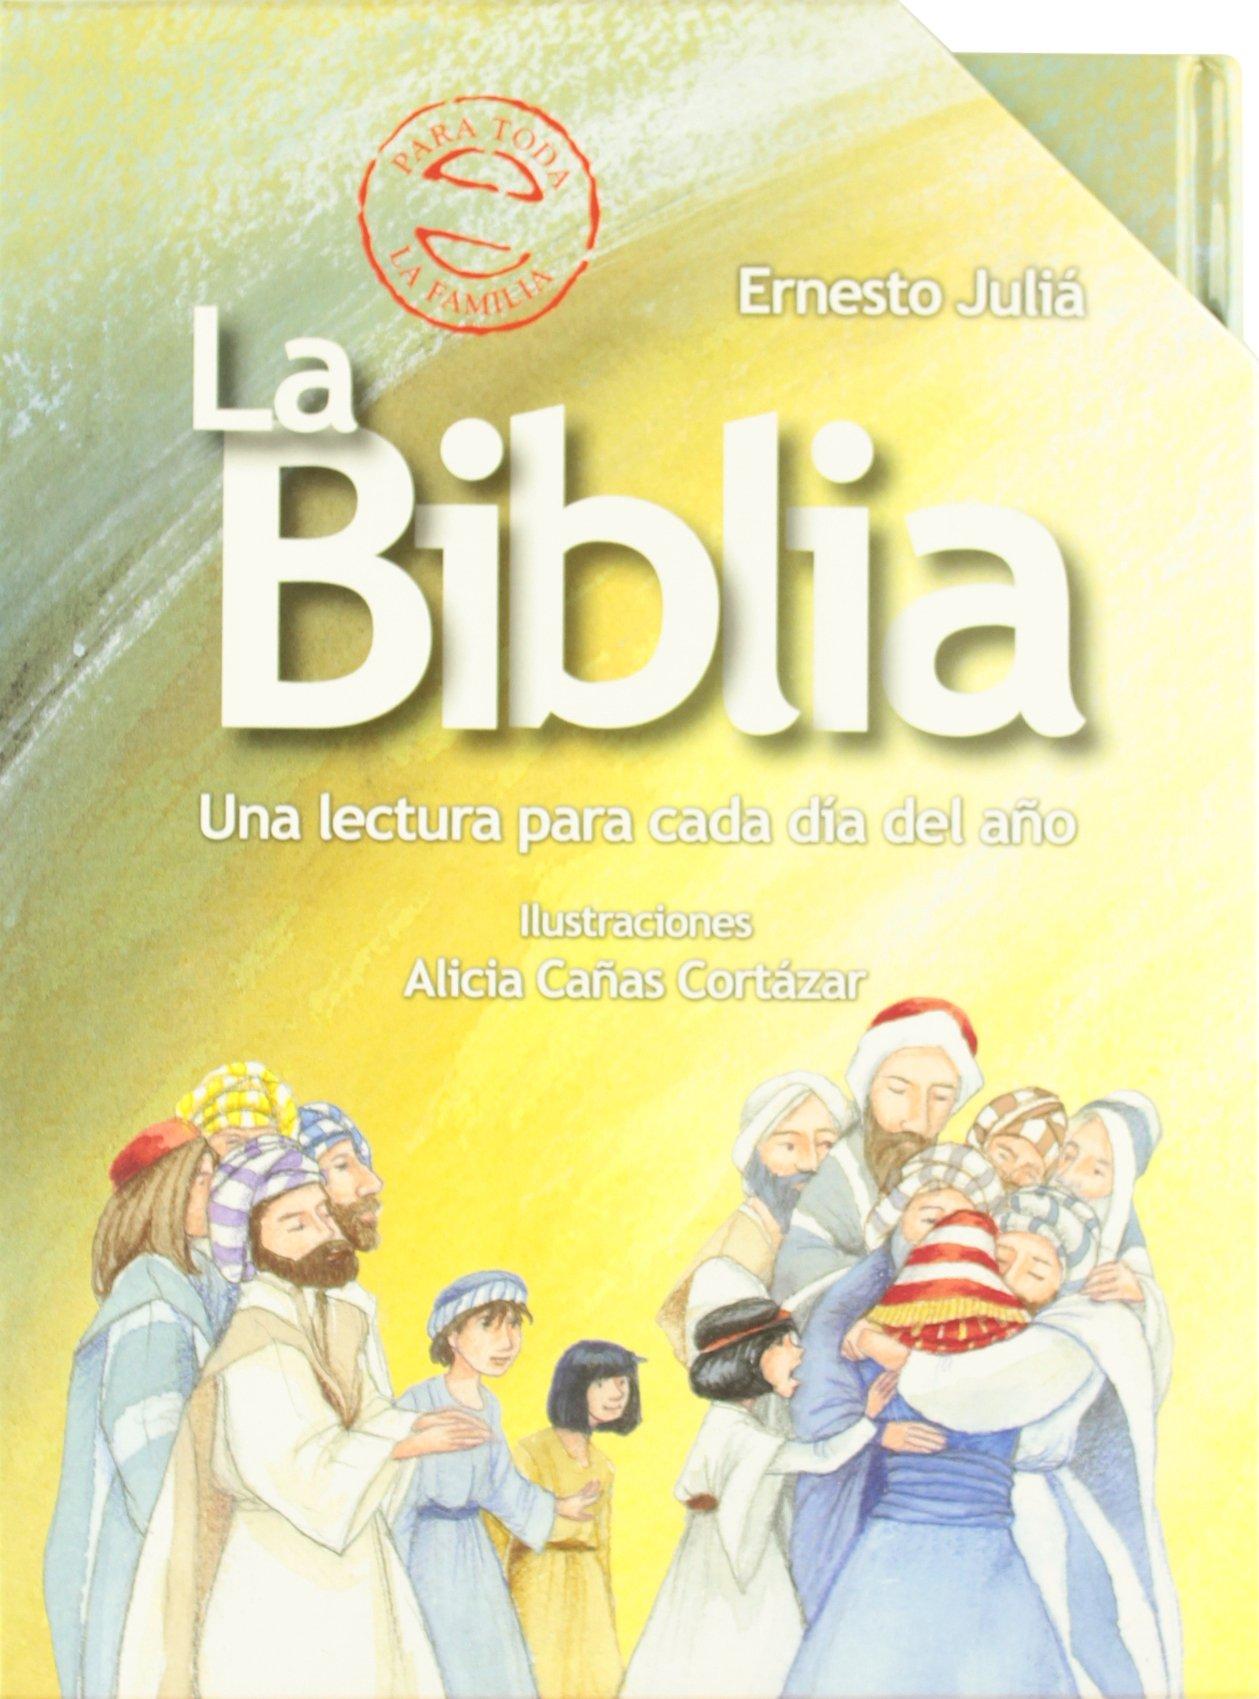 La Biblia: Una lectura para cada día del año Castellano - A Partir De 8 Años - Religión: Amazon.es: Ernesto Juliá, Alicia Cañas Cortázar: Libros